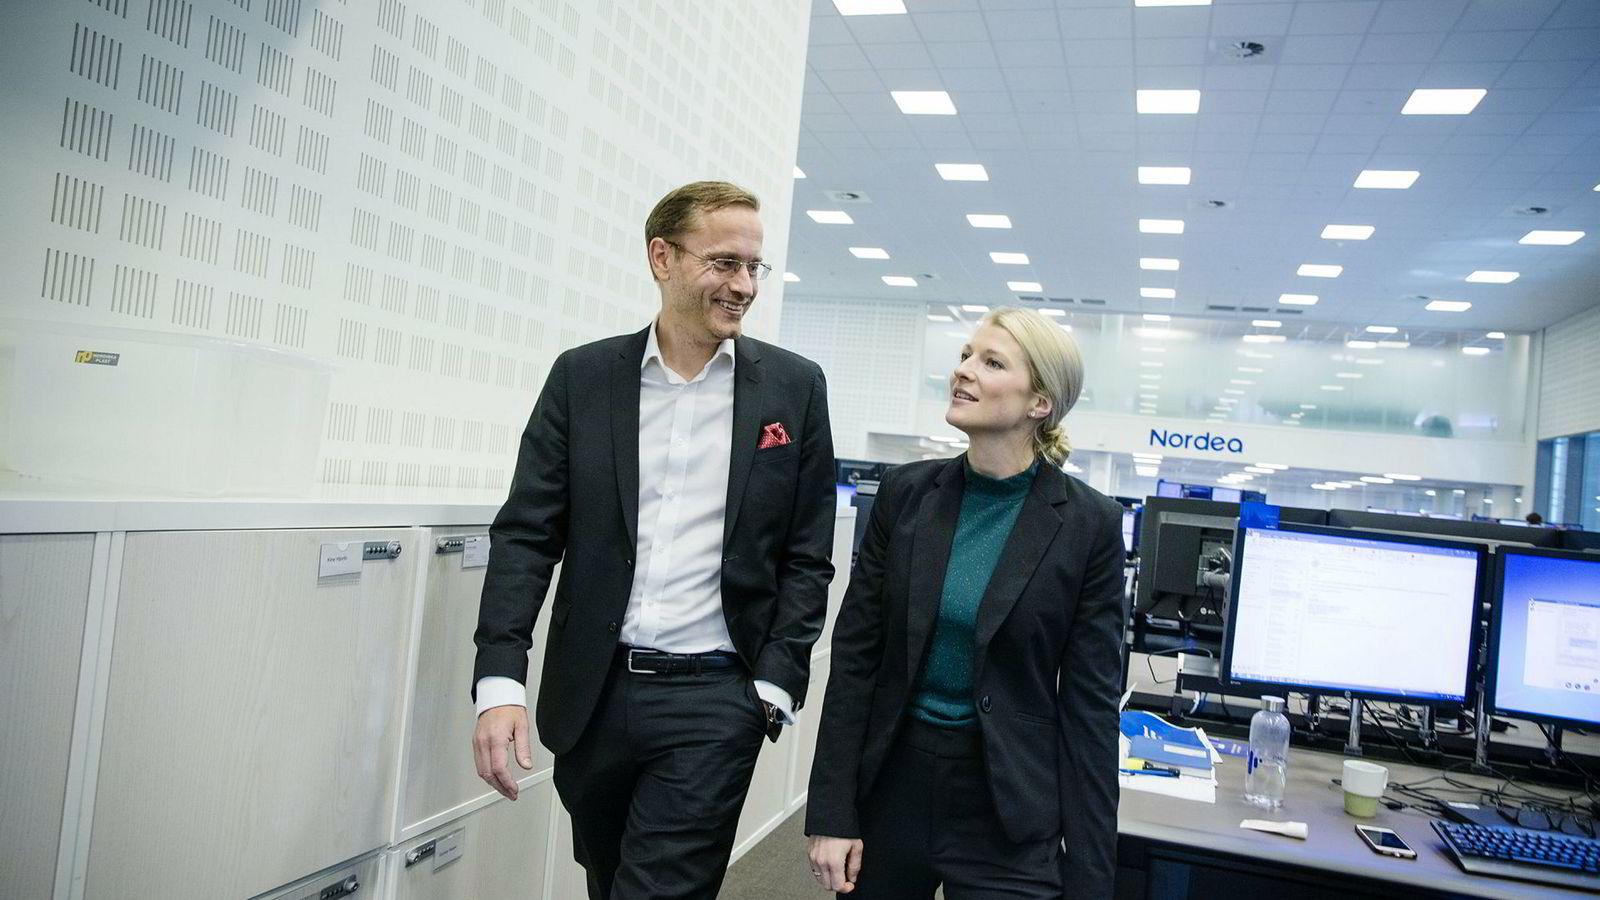 Seniorstrateg Sigrid Wilter Slørstad i Nordea Markets ser mulige positive effekter av våpenhvilen mellom Kina og USA – på kort sikt. Her er hun sammen med administrerende direktør Snorre Storset i Nordea.